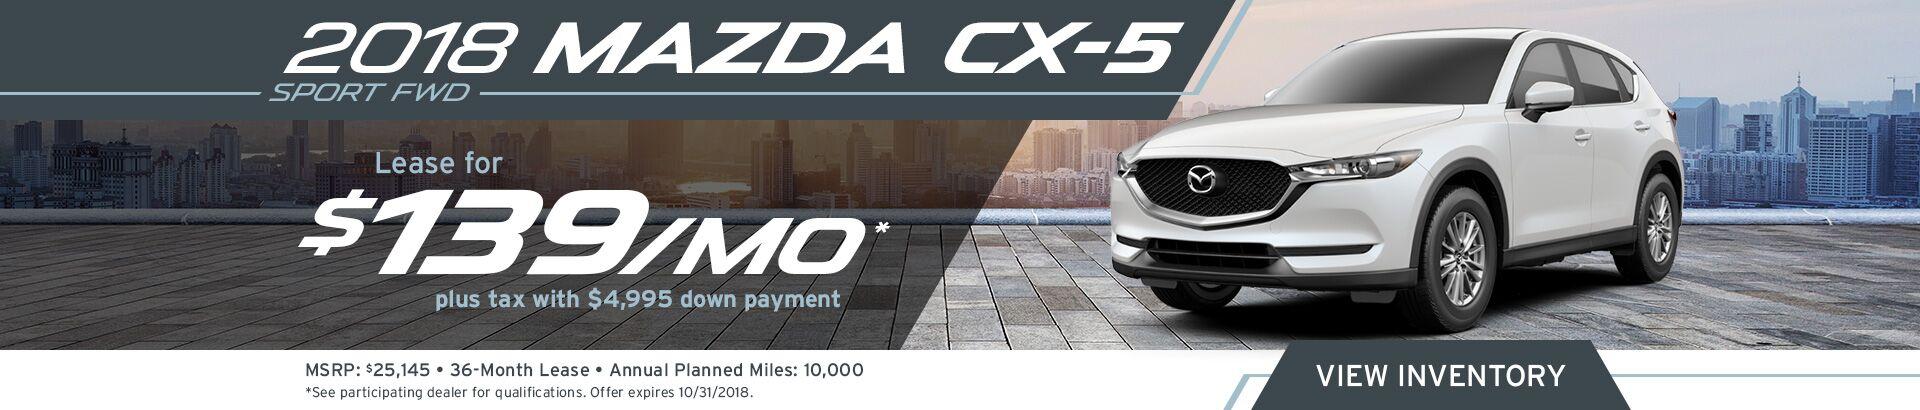 Superb Mazda CX 5